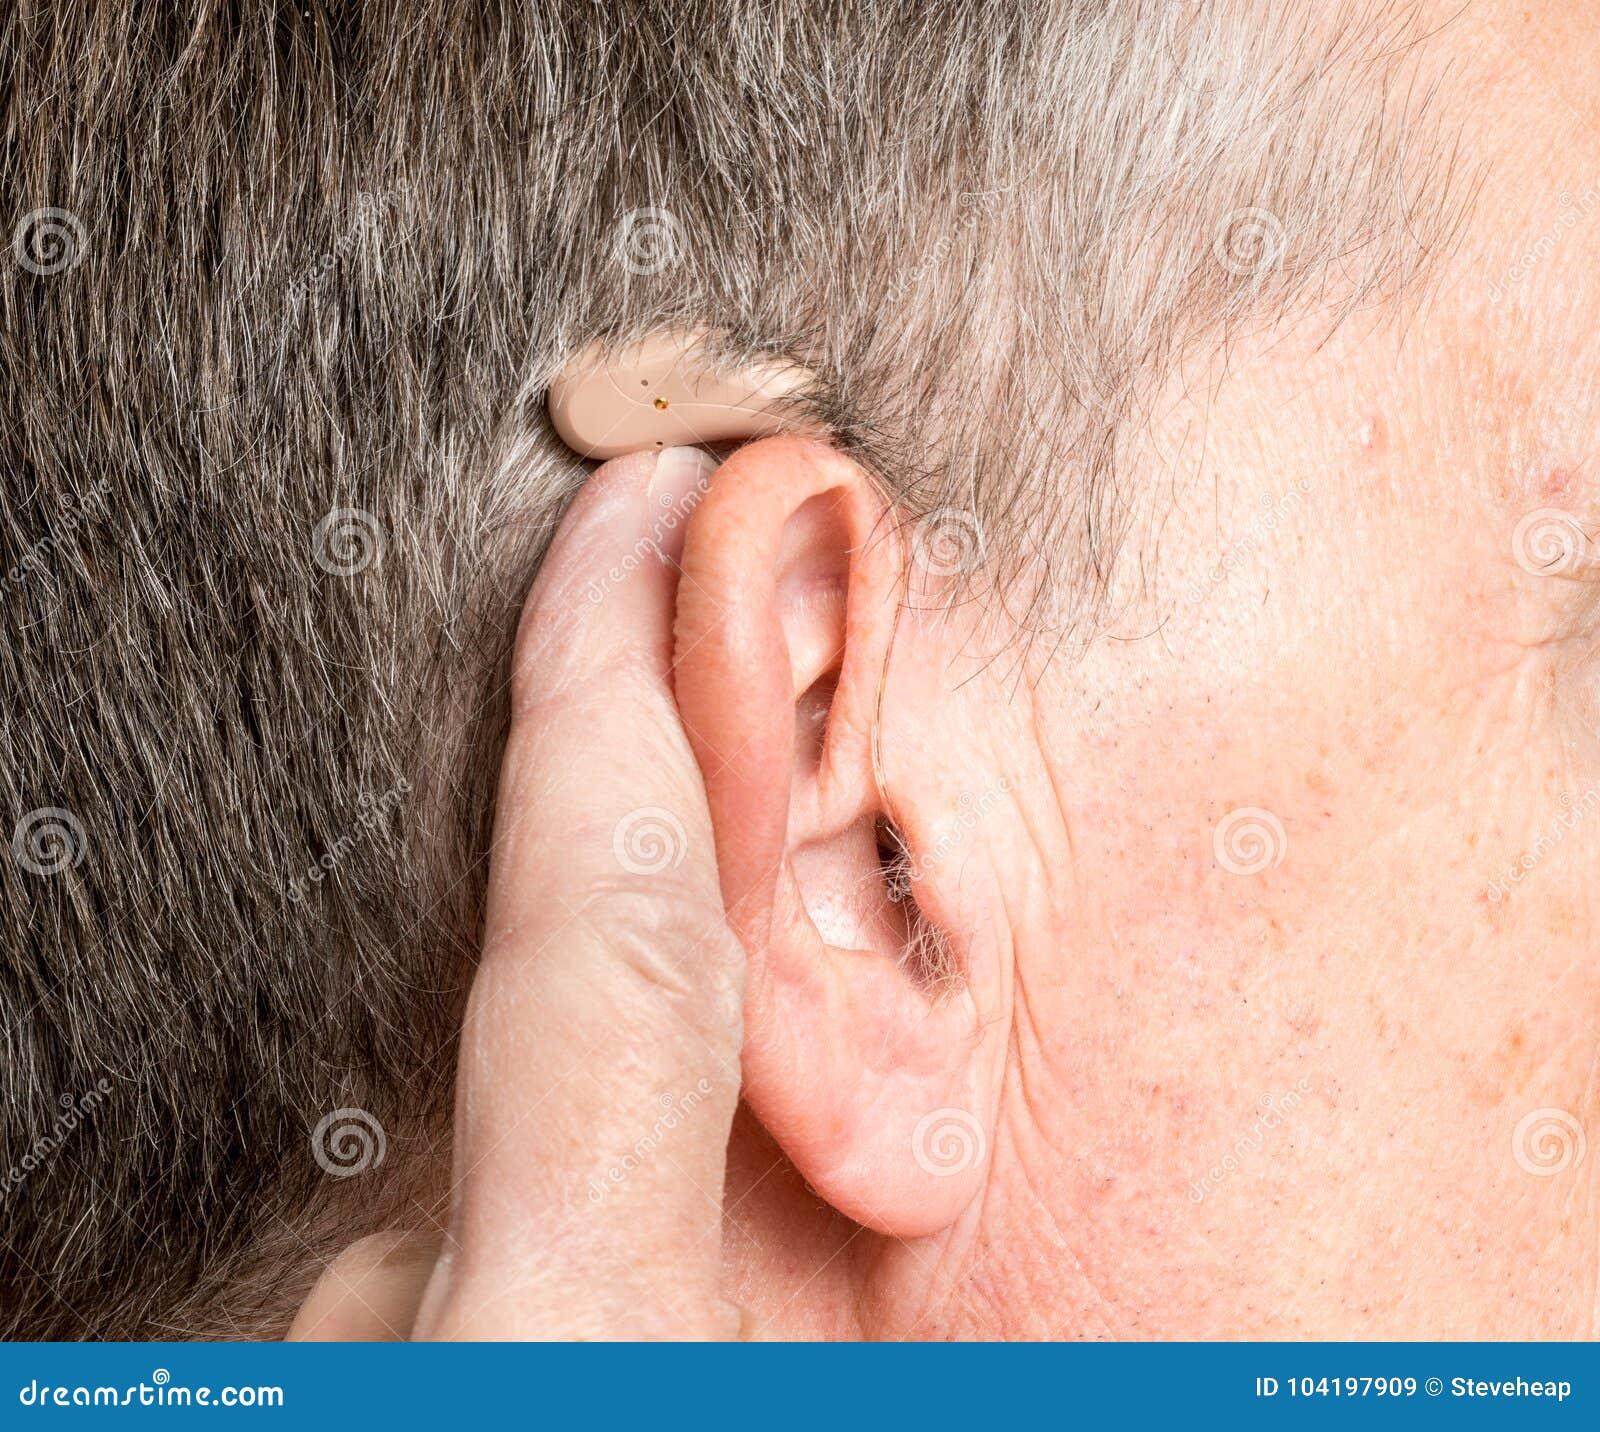 Κλείστε επάνω μιας μικροσκοπικής σύγχρονης ενίσχυσης ακρόασης πίσω από το αυτί